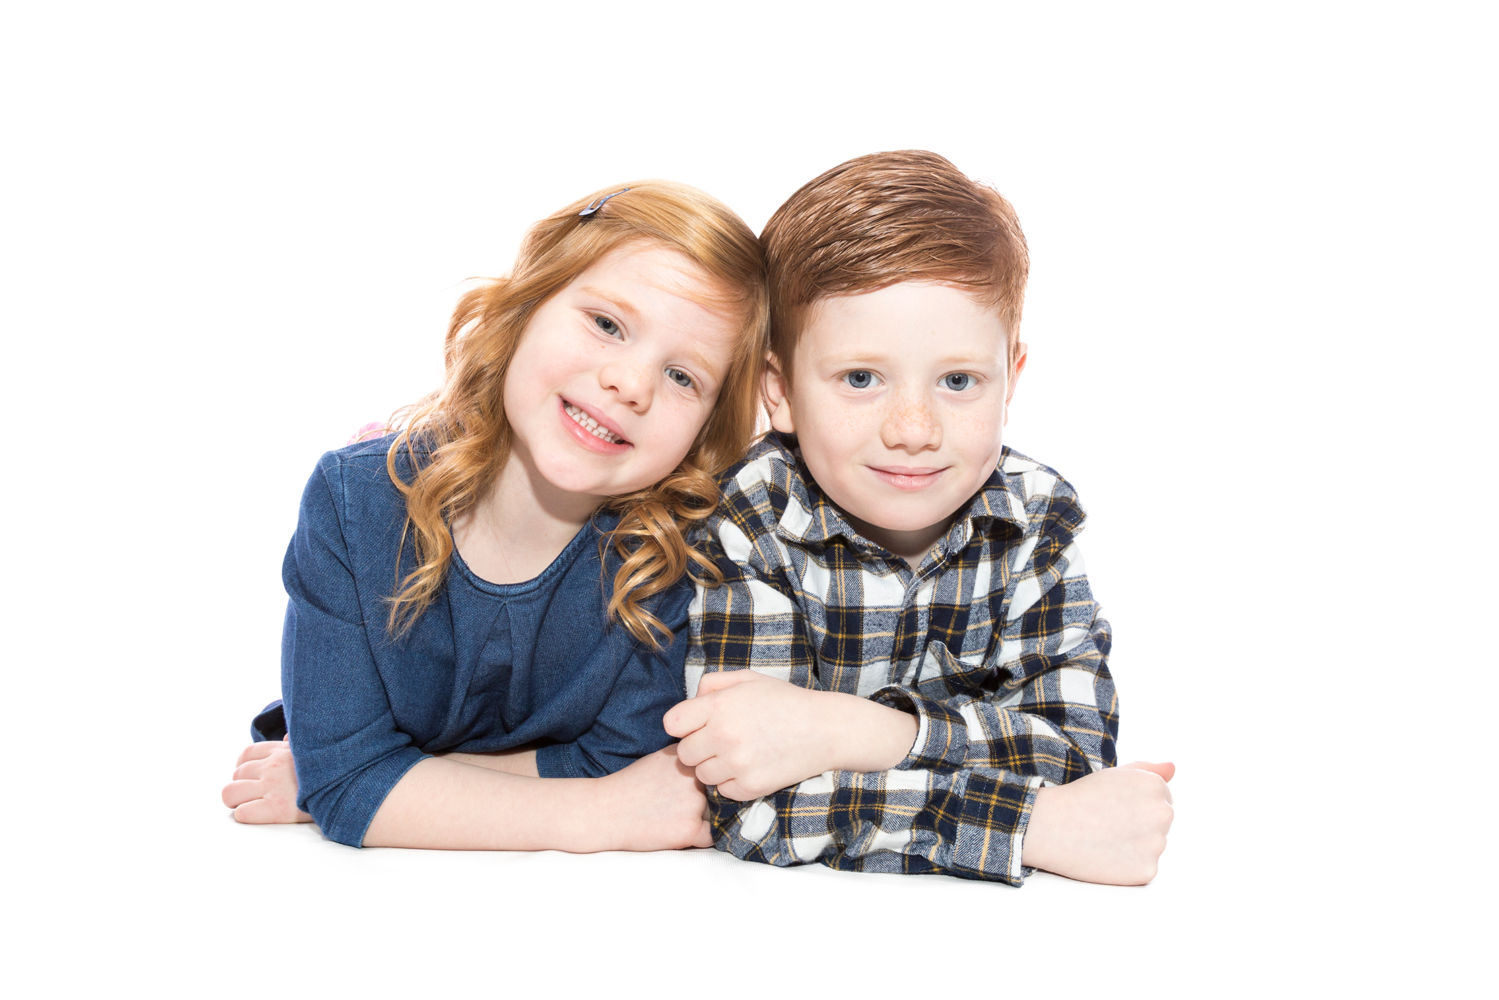 Kids Photoshoot in York